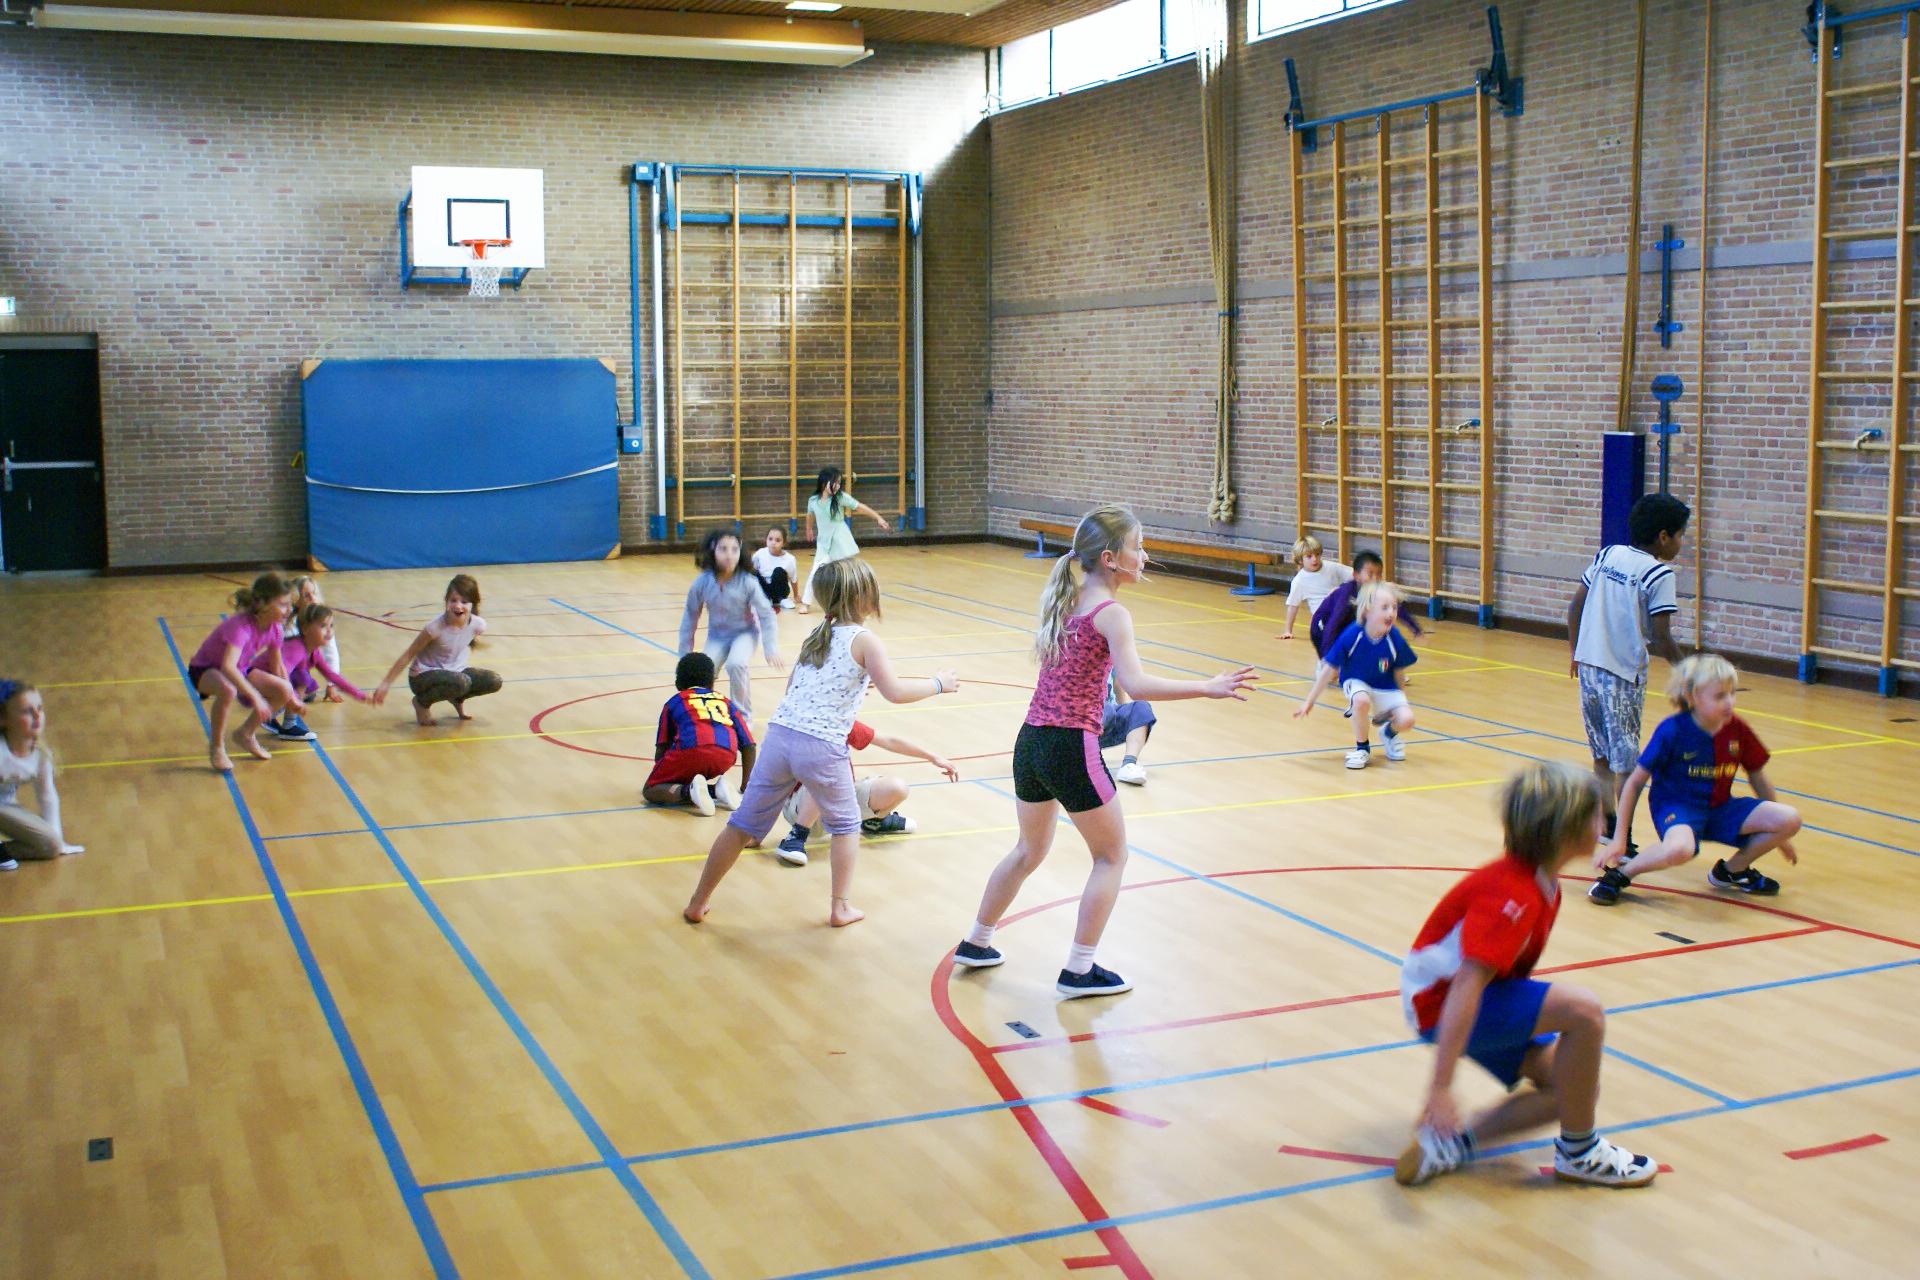 Sportieffeestje in Amstelveen